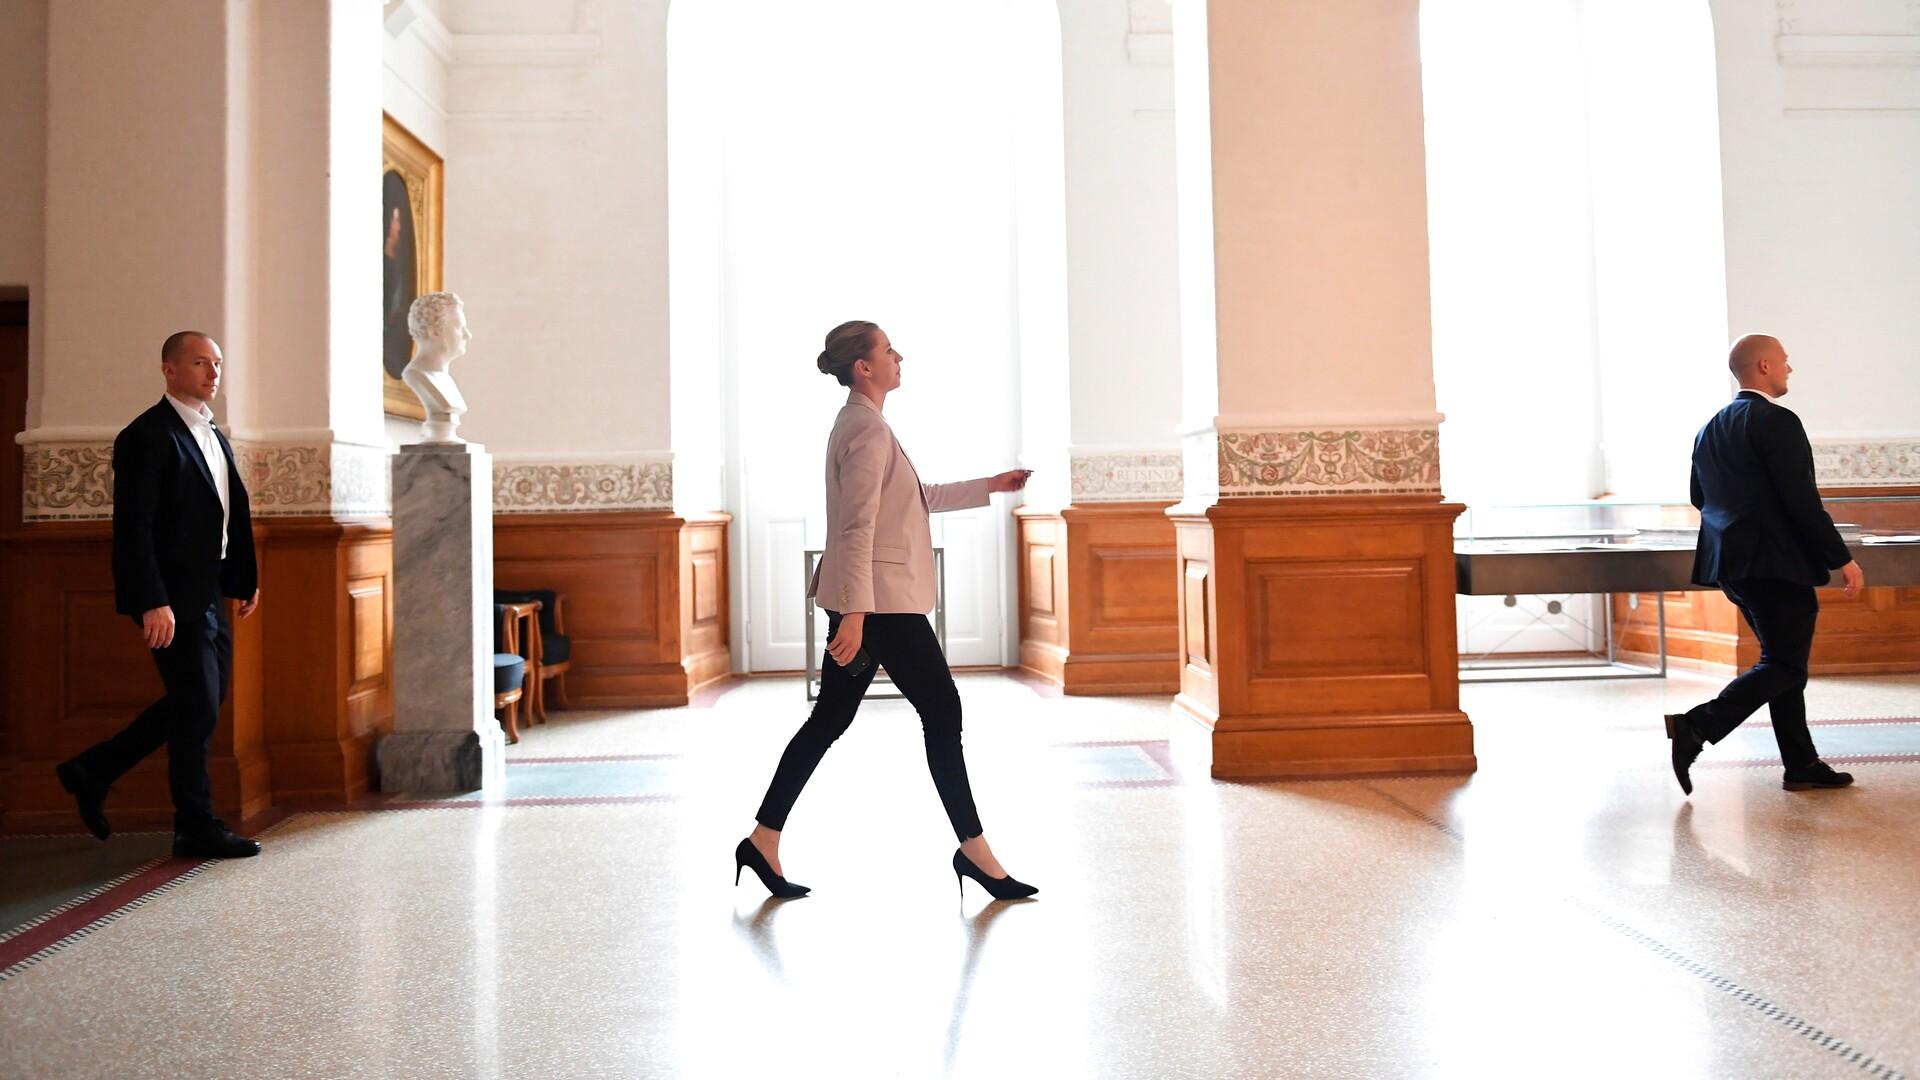 Jørgen Grønnegård Christensen i ny interviewserie om magten på Slotsholmen: Folketinget har mistet magt til fordel for ministerierne – og særligt under coronakrisen